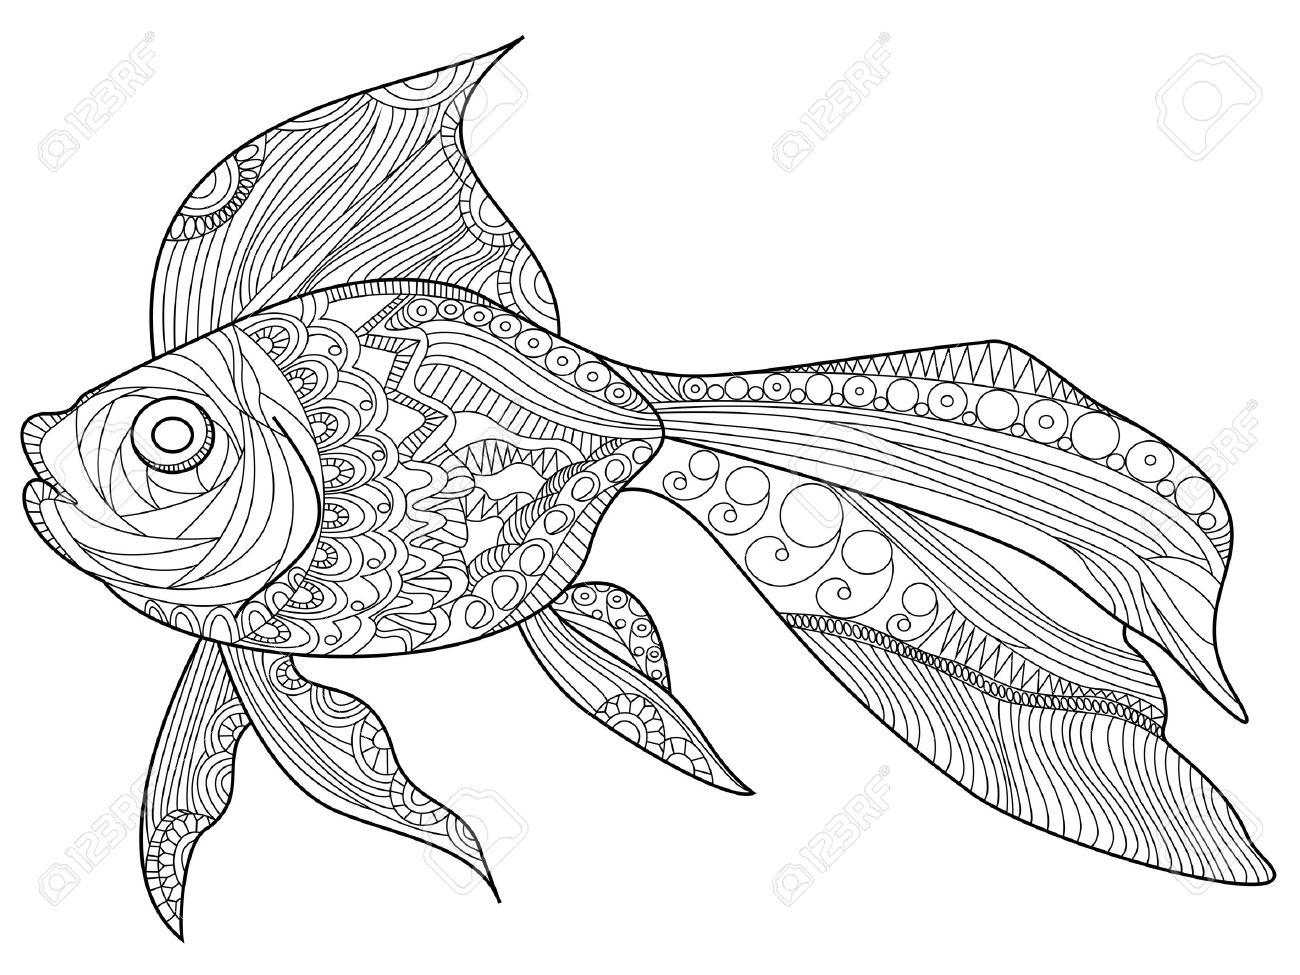 金魚の海の動物が大人ベクトル イラストの塗り絵のイラスト素材